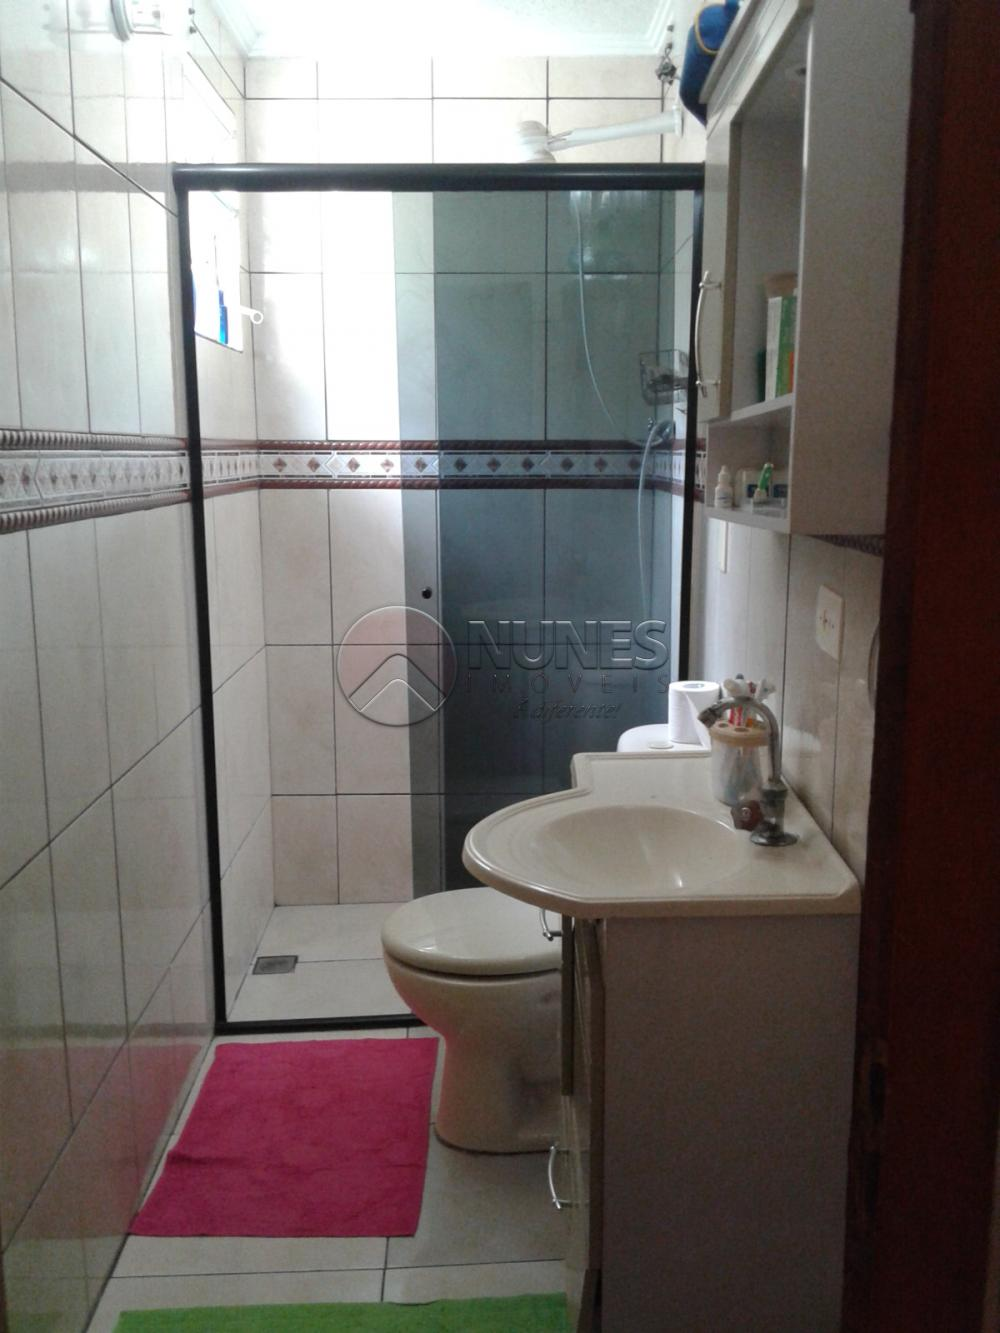 Sobrado de 2 dormitórios à venda em Jardim Yaya, Carapicuíba - SP